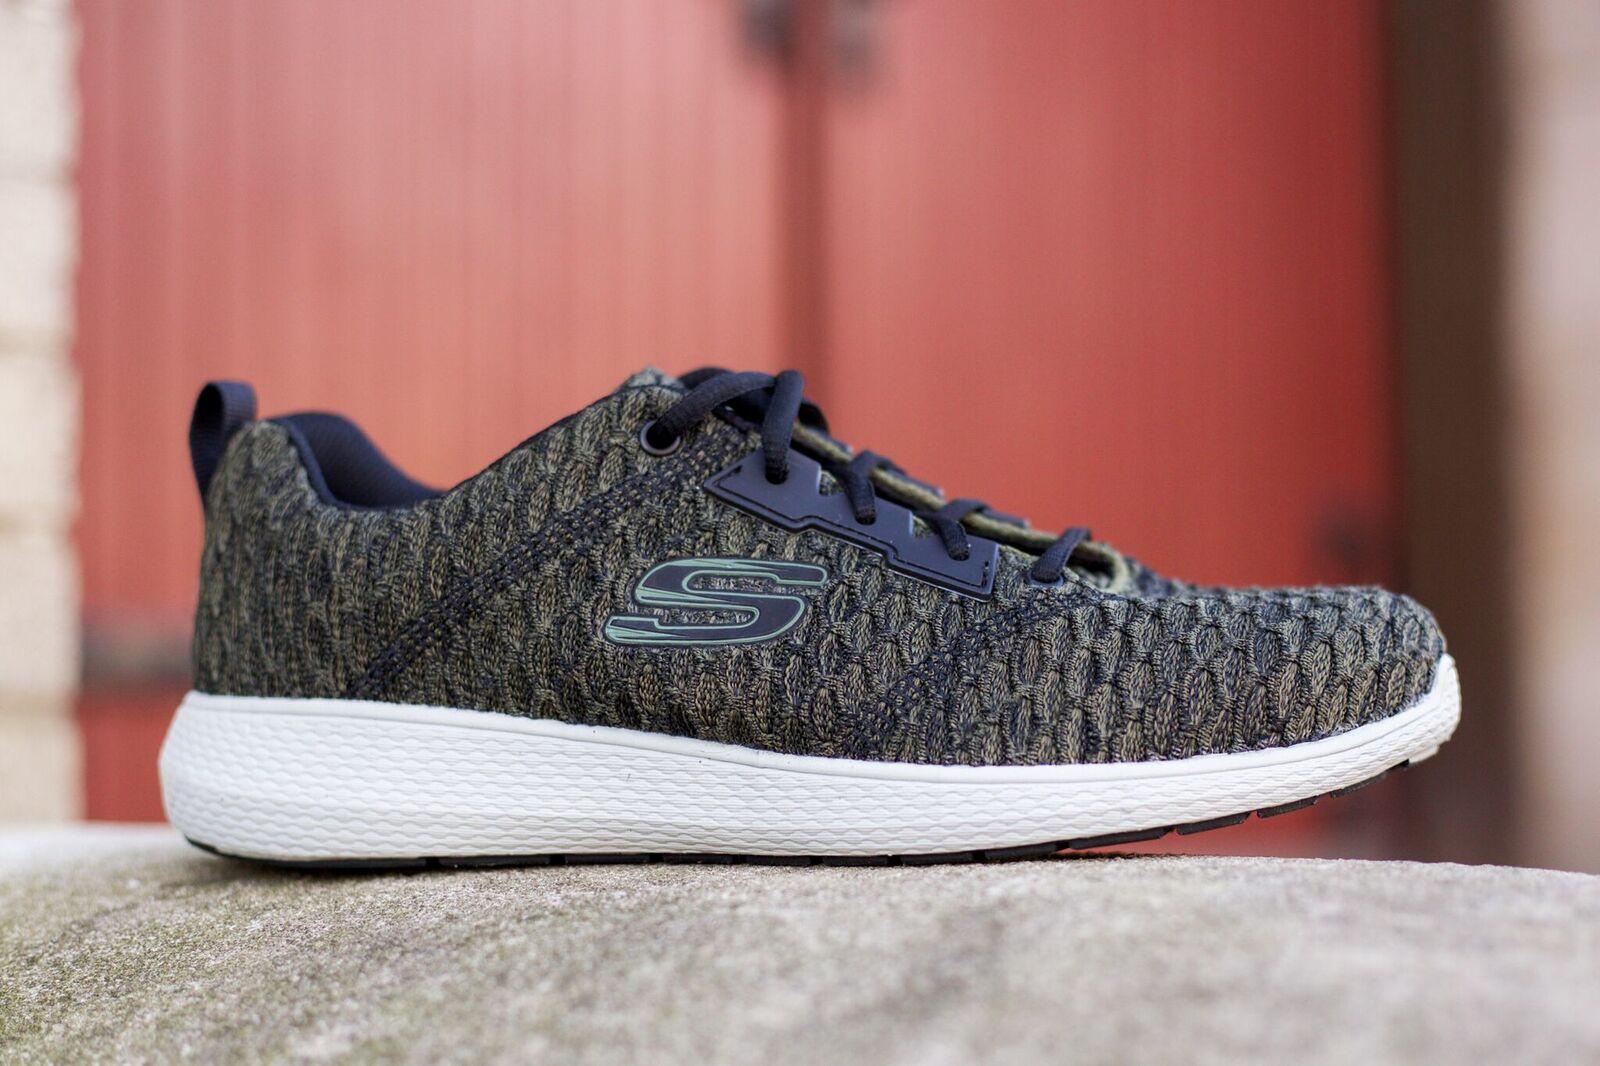 A Skechers shoe.